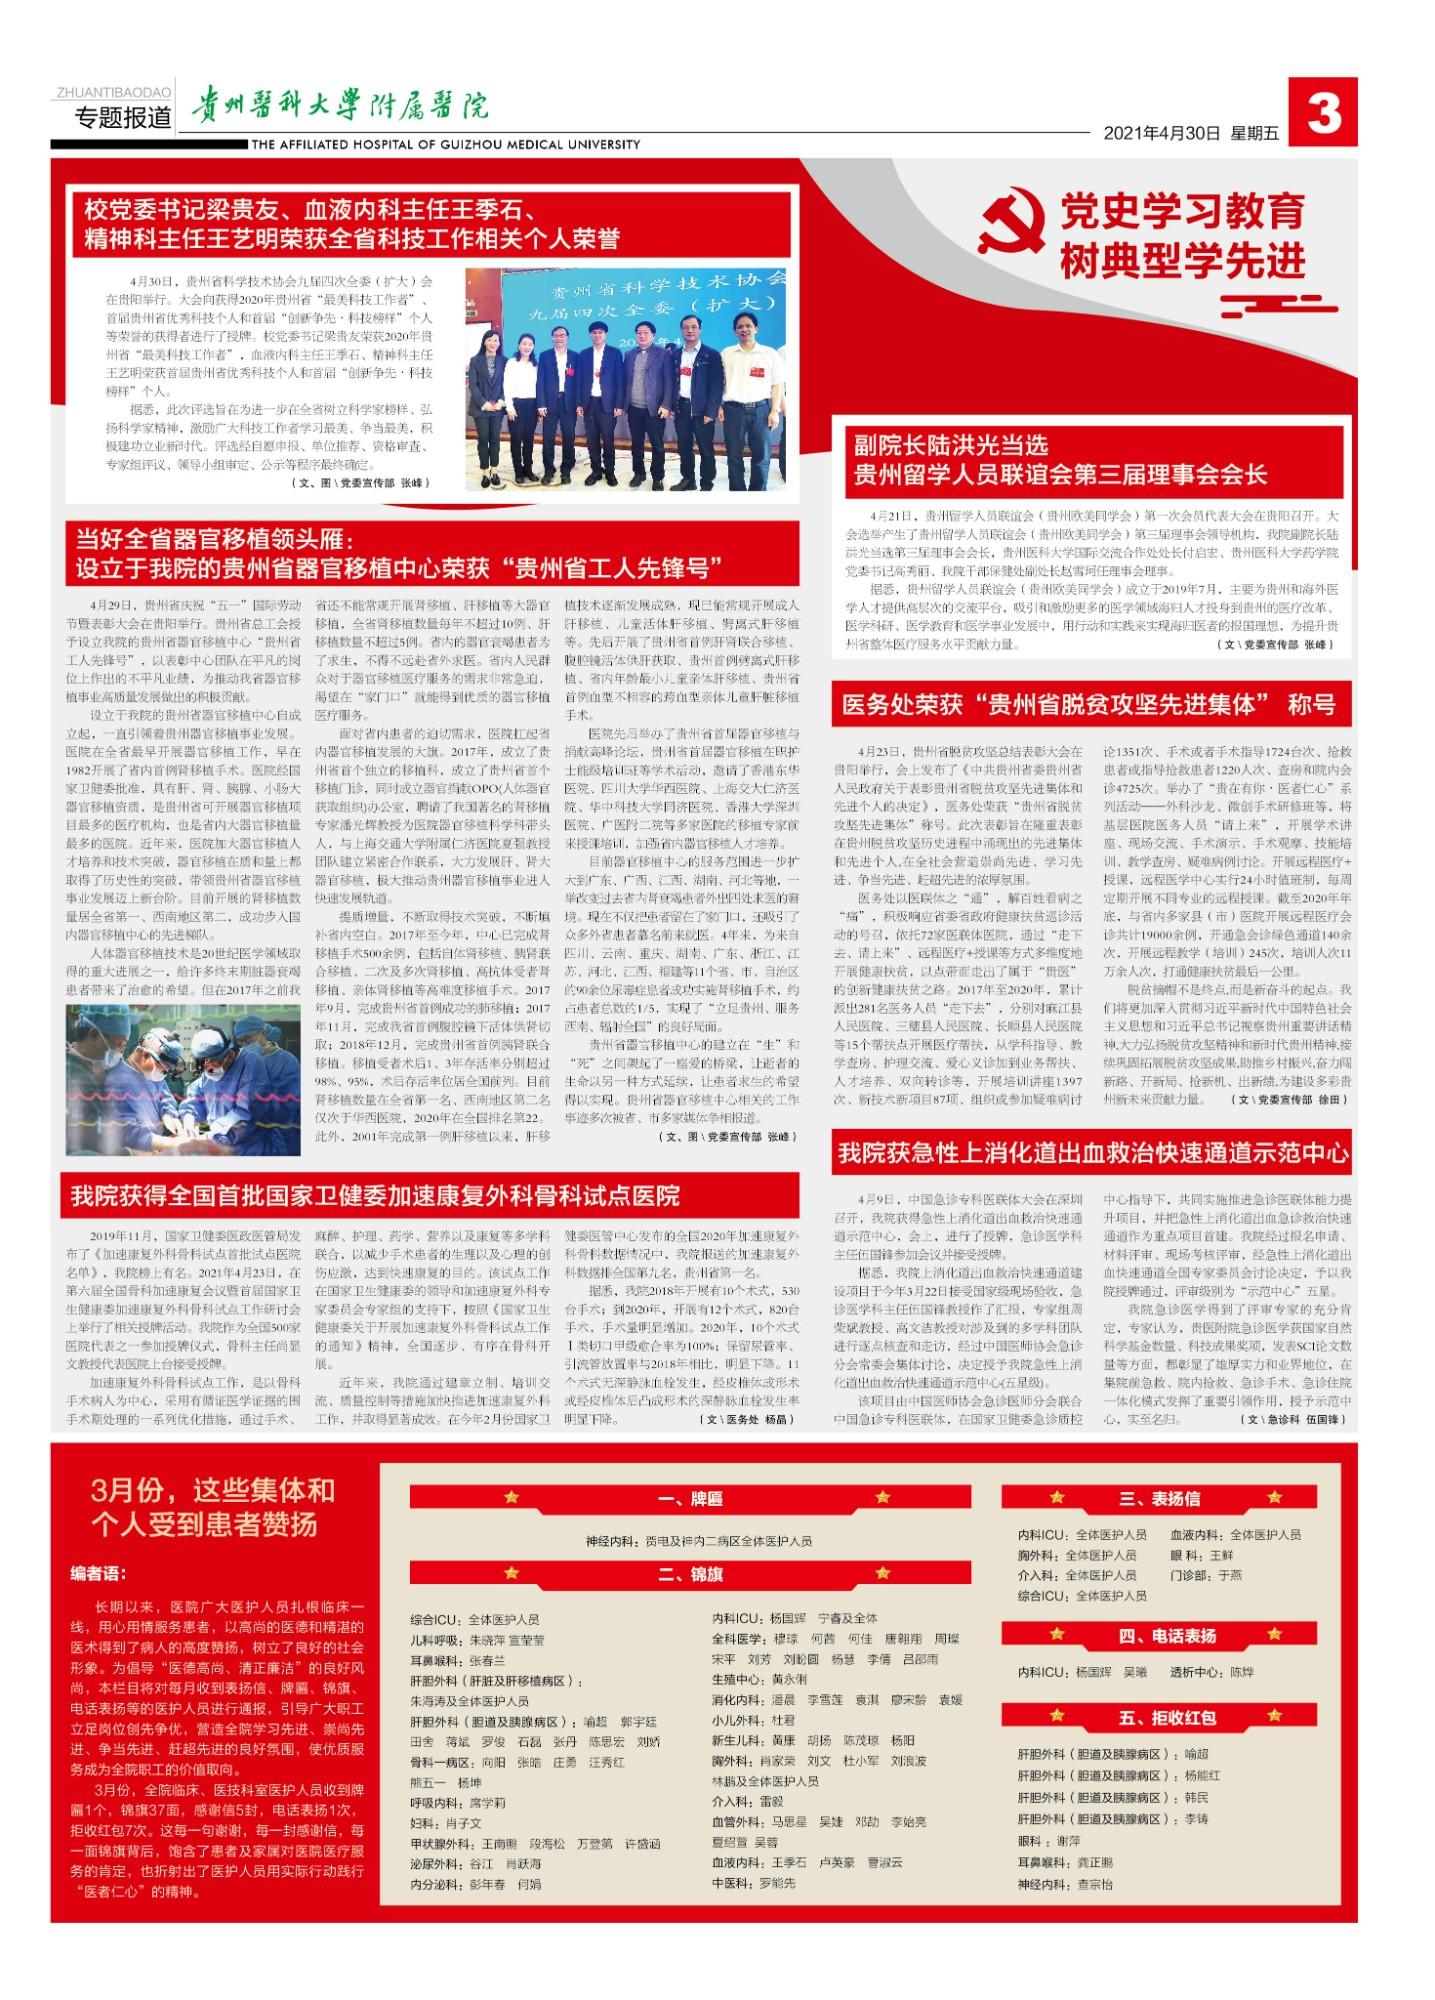 贵医报121期3版